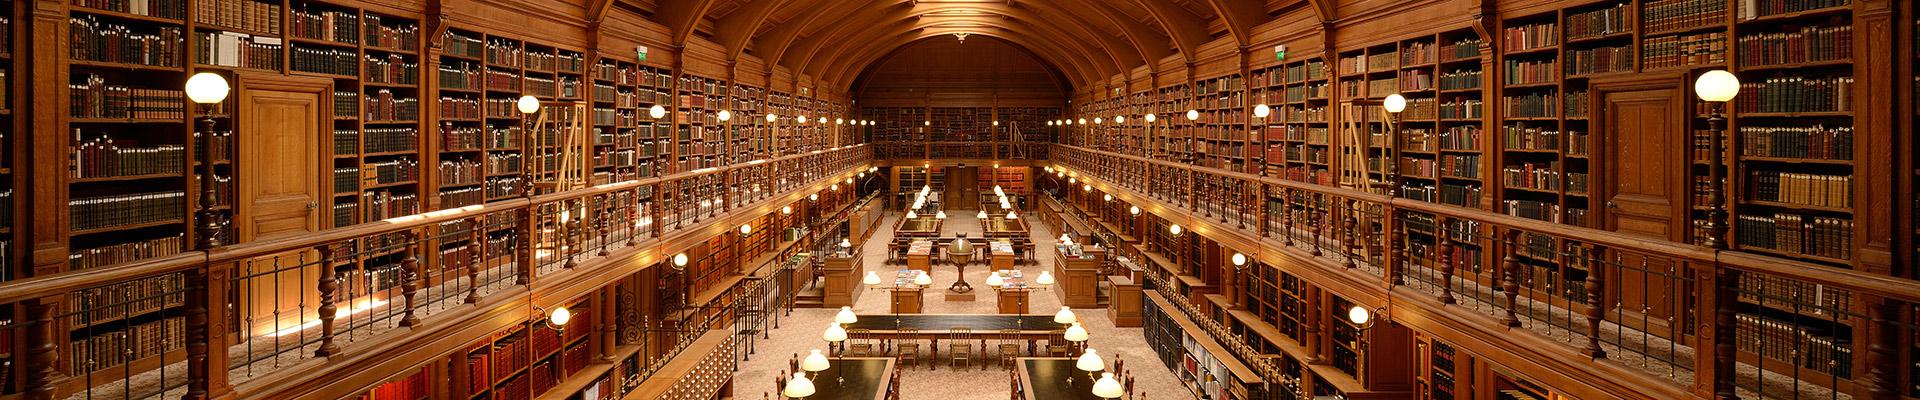 spesso Tirrenia srl forniture biblioteca etichette arredamento  CU02